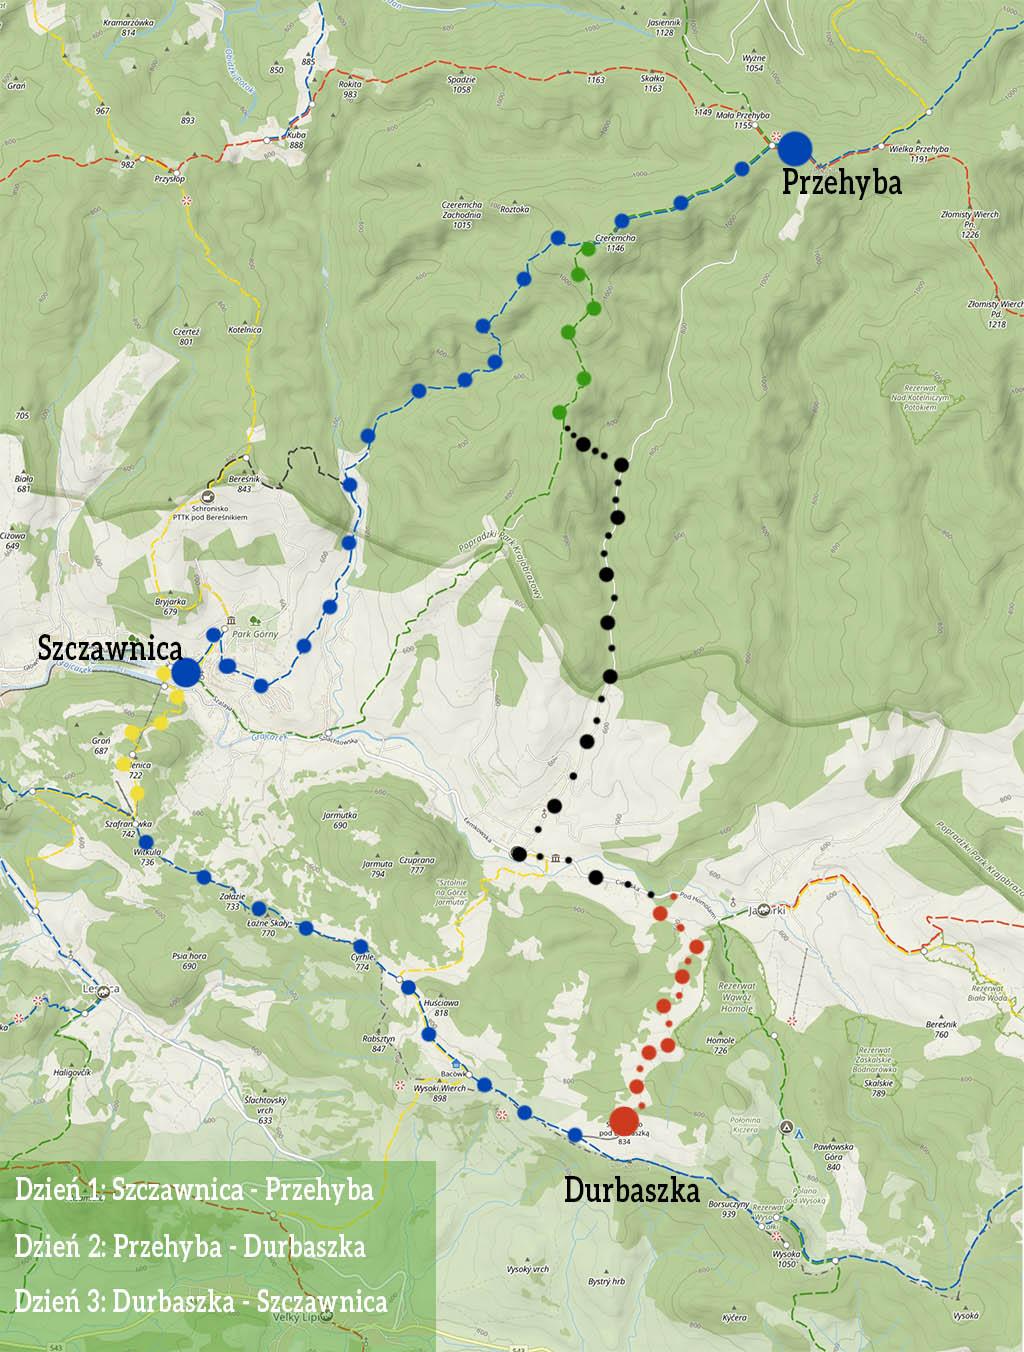 Szlak na Przehybę i Durbaszkę